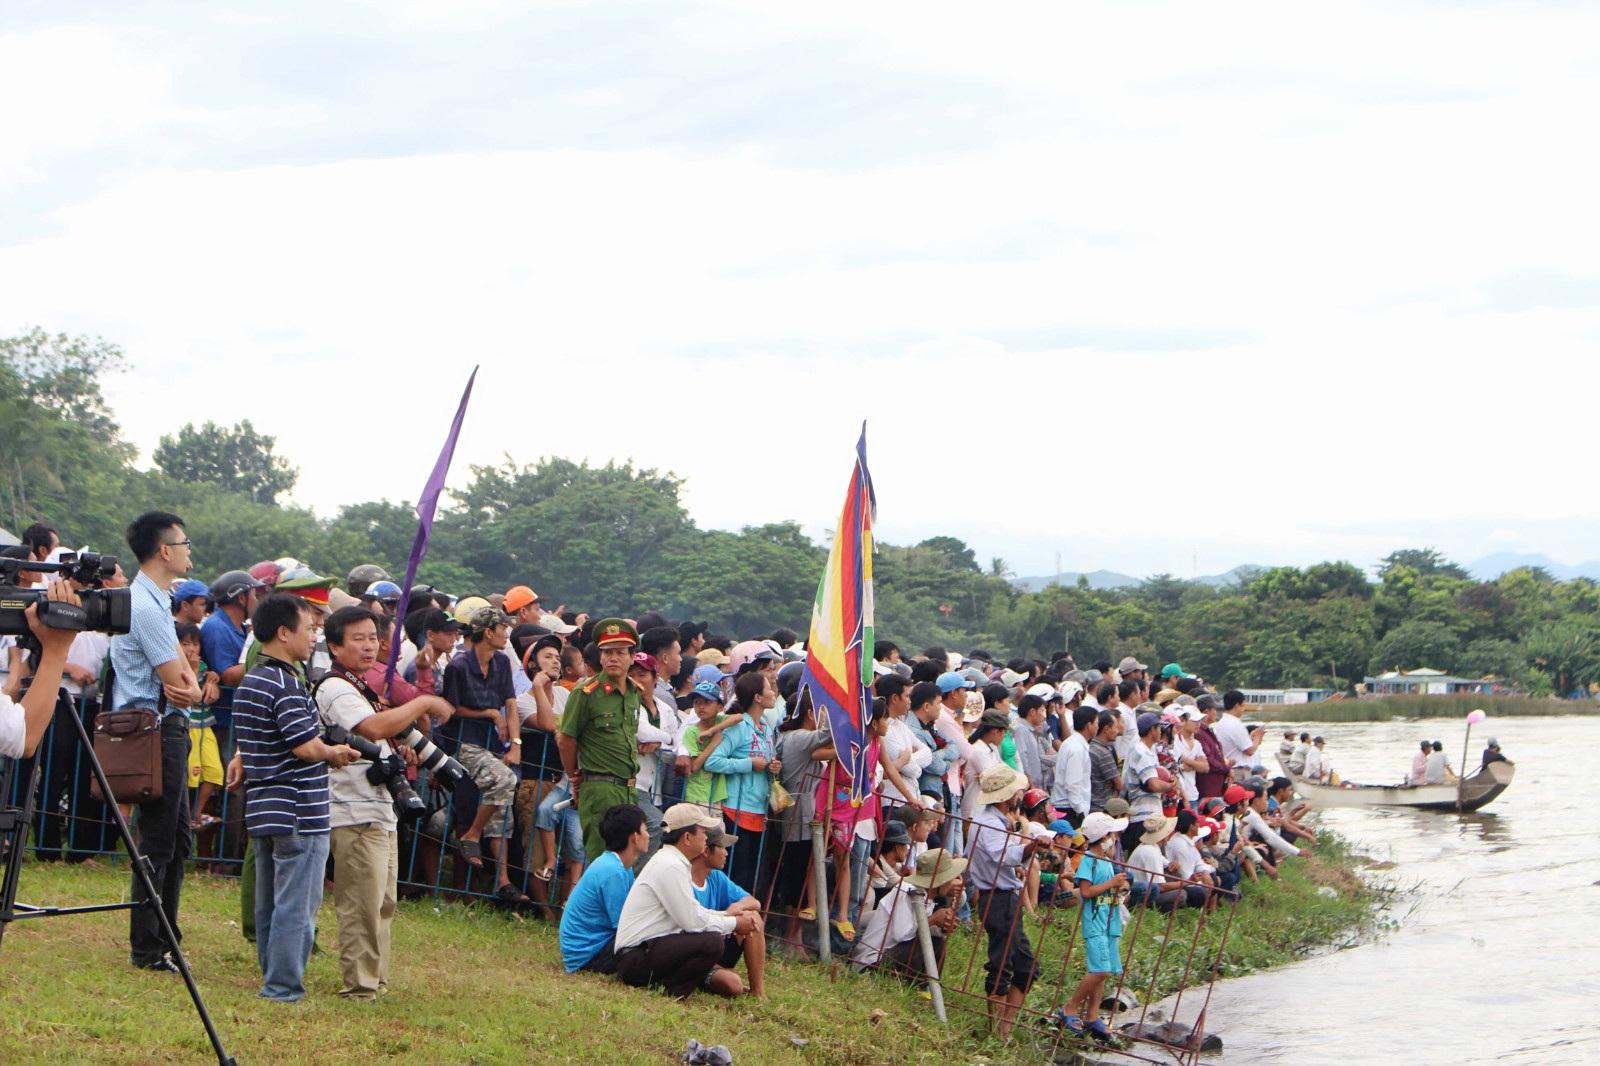 Đông đảo người dân và du khách đến xem và cổ vũ